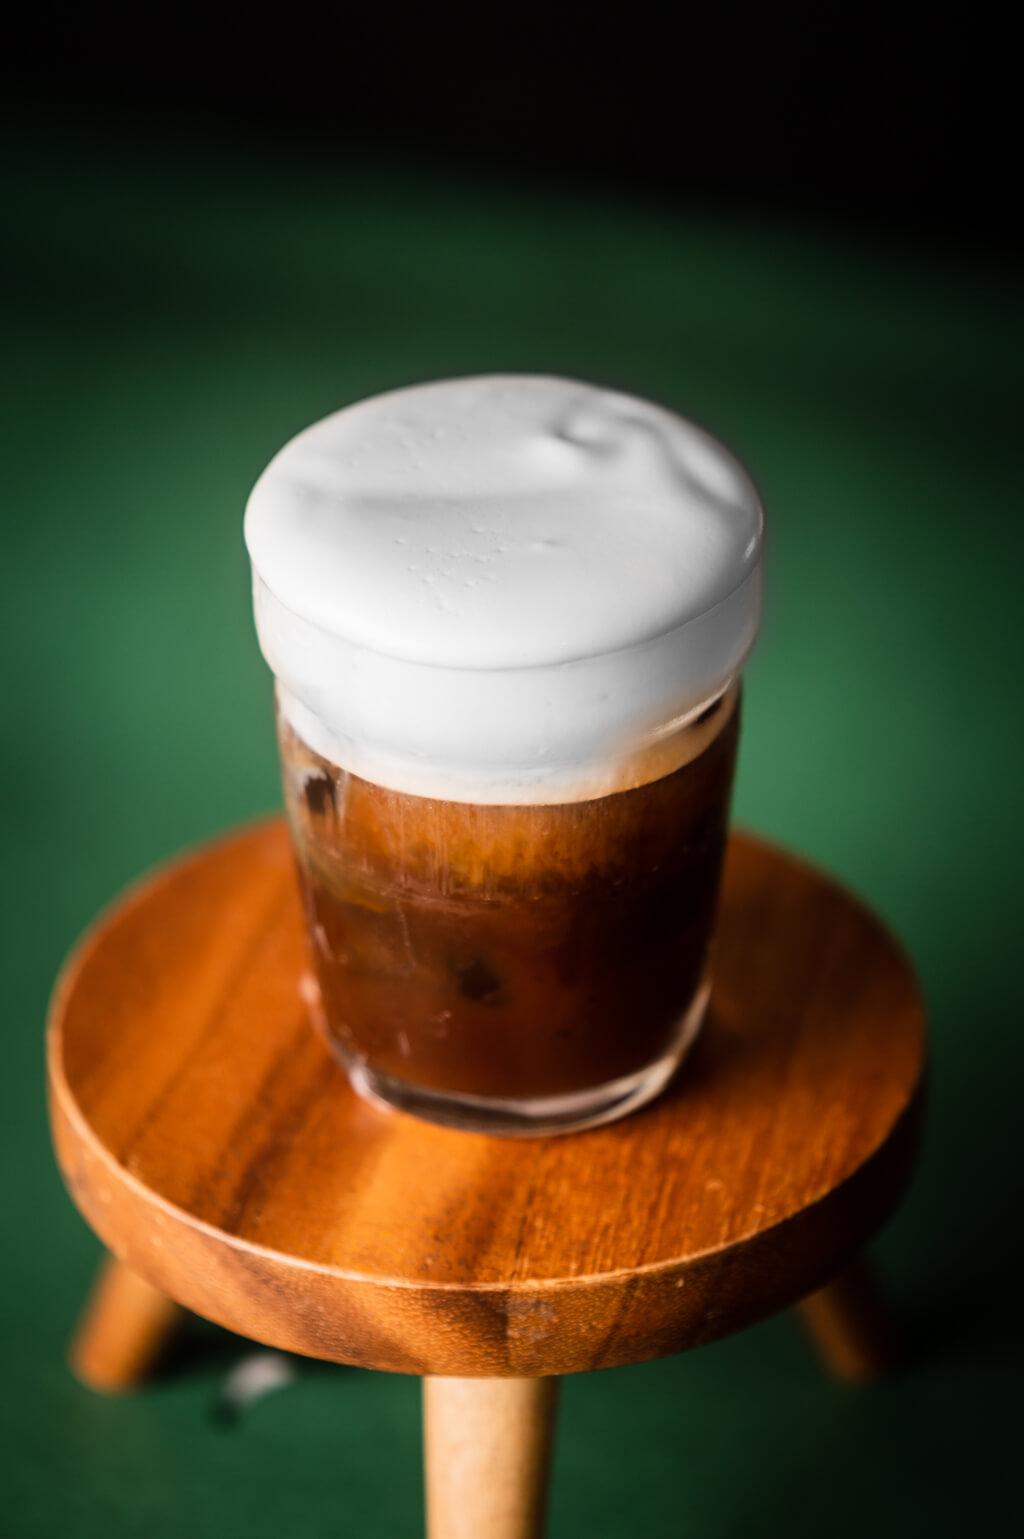 Coffee Island's delicious freddo cappuccino.